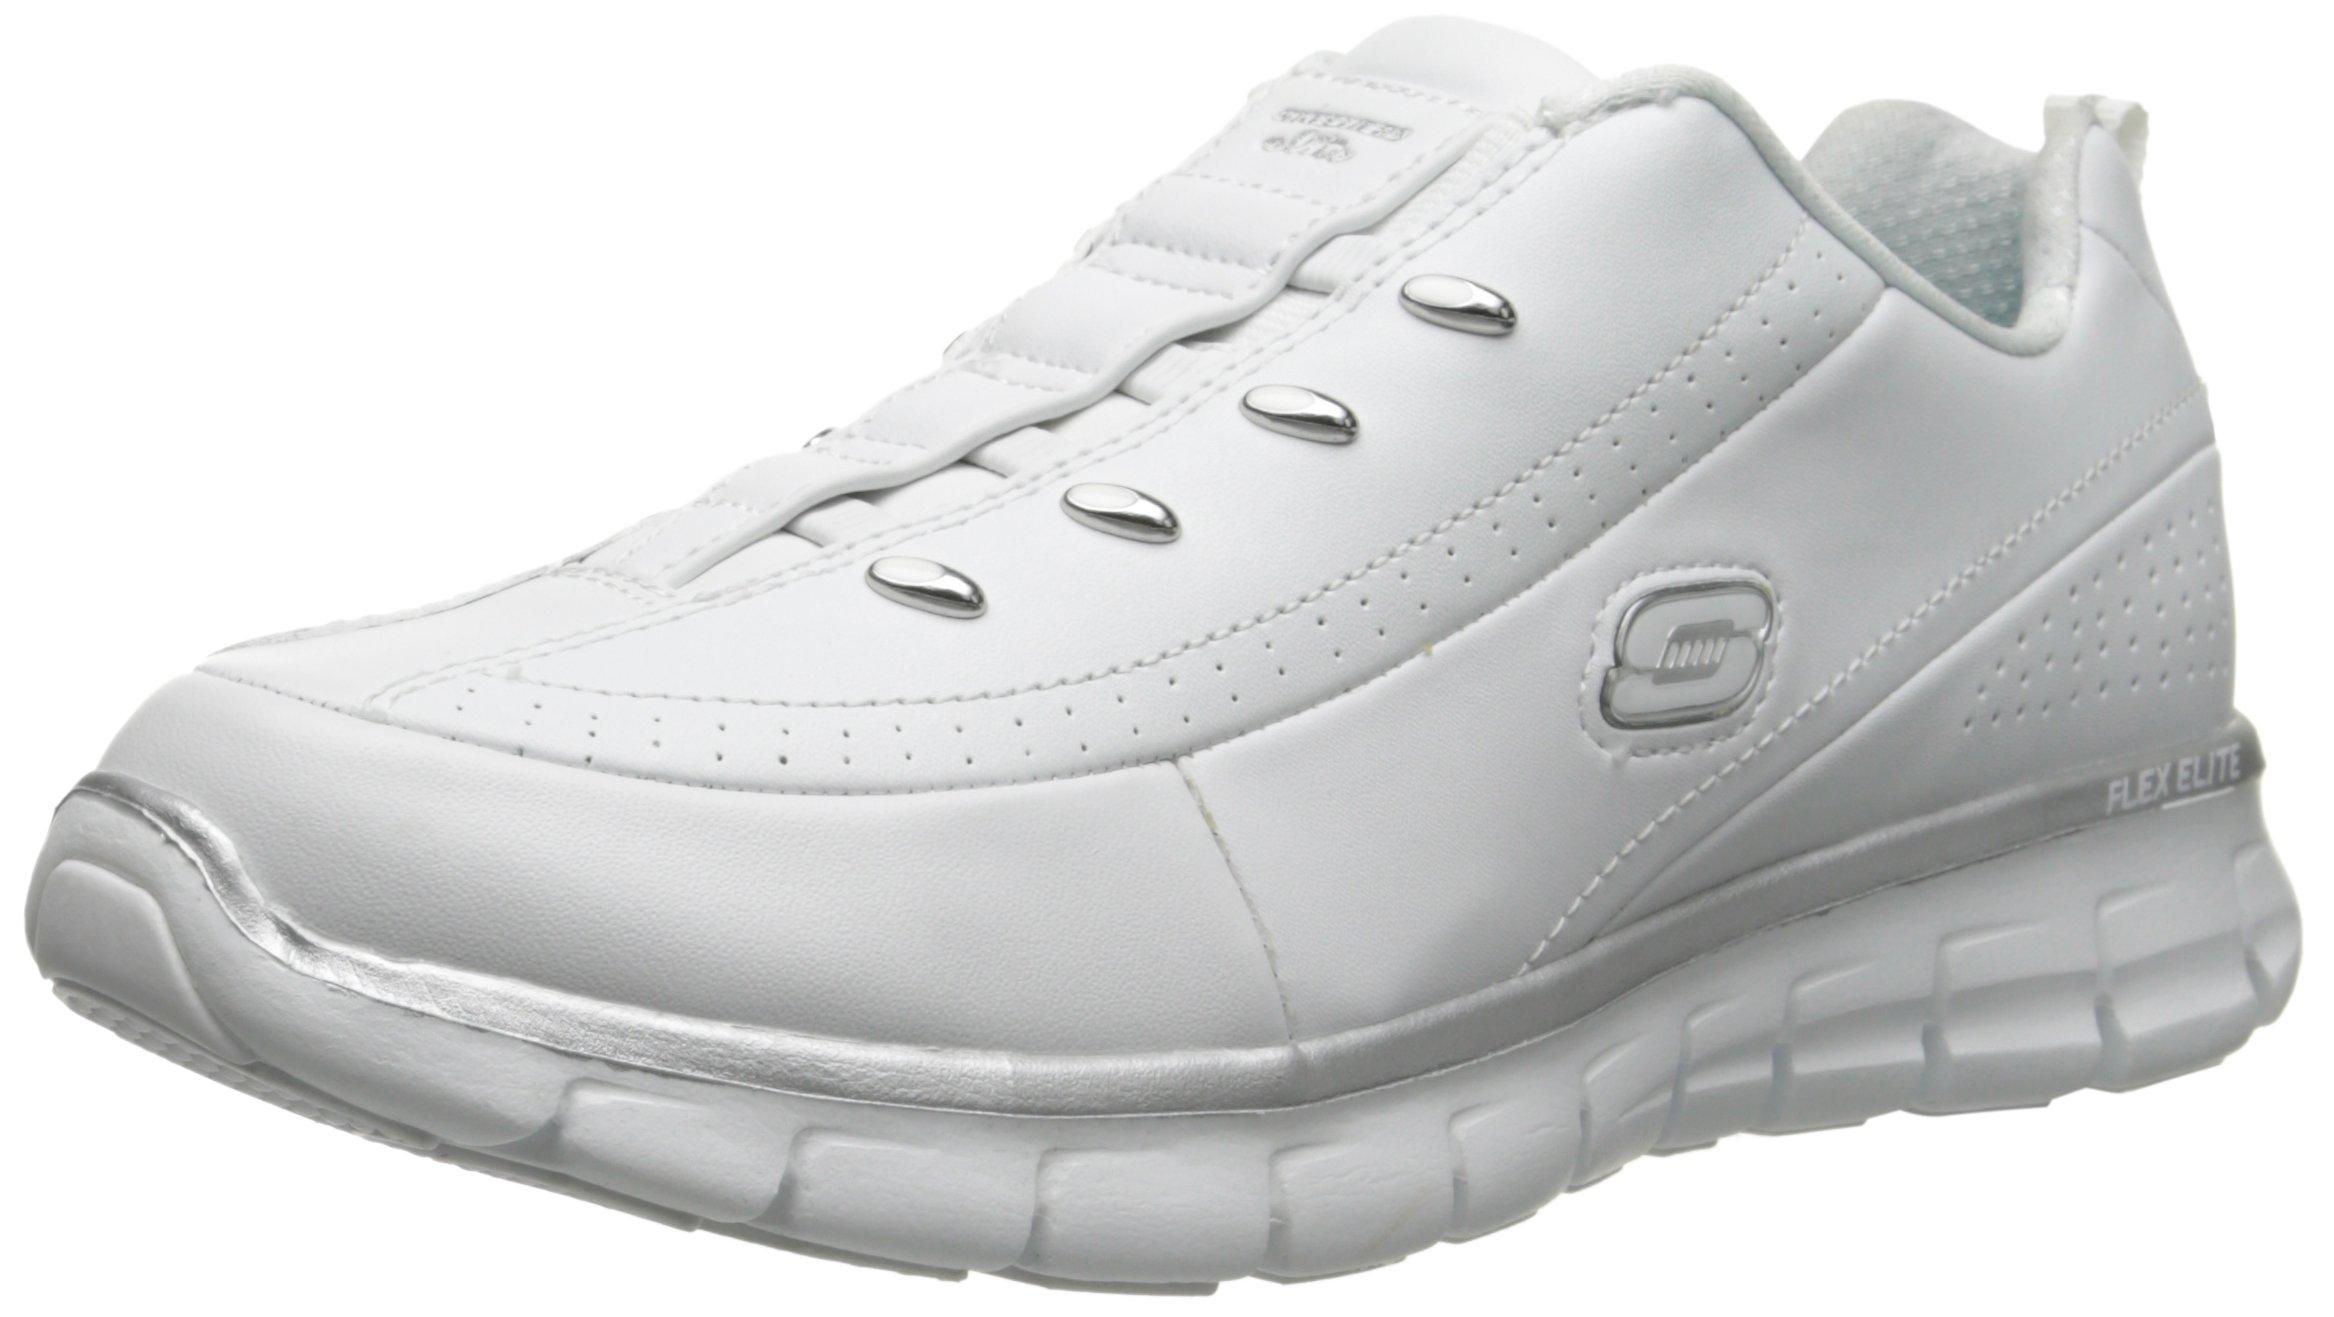 Skechers Sport Women's Elite Class Fashion Sneaker, White/Silver, 10 M US